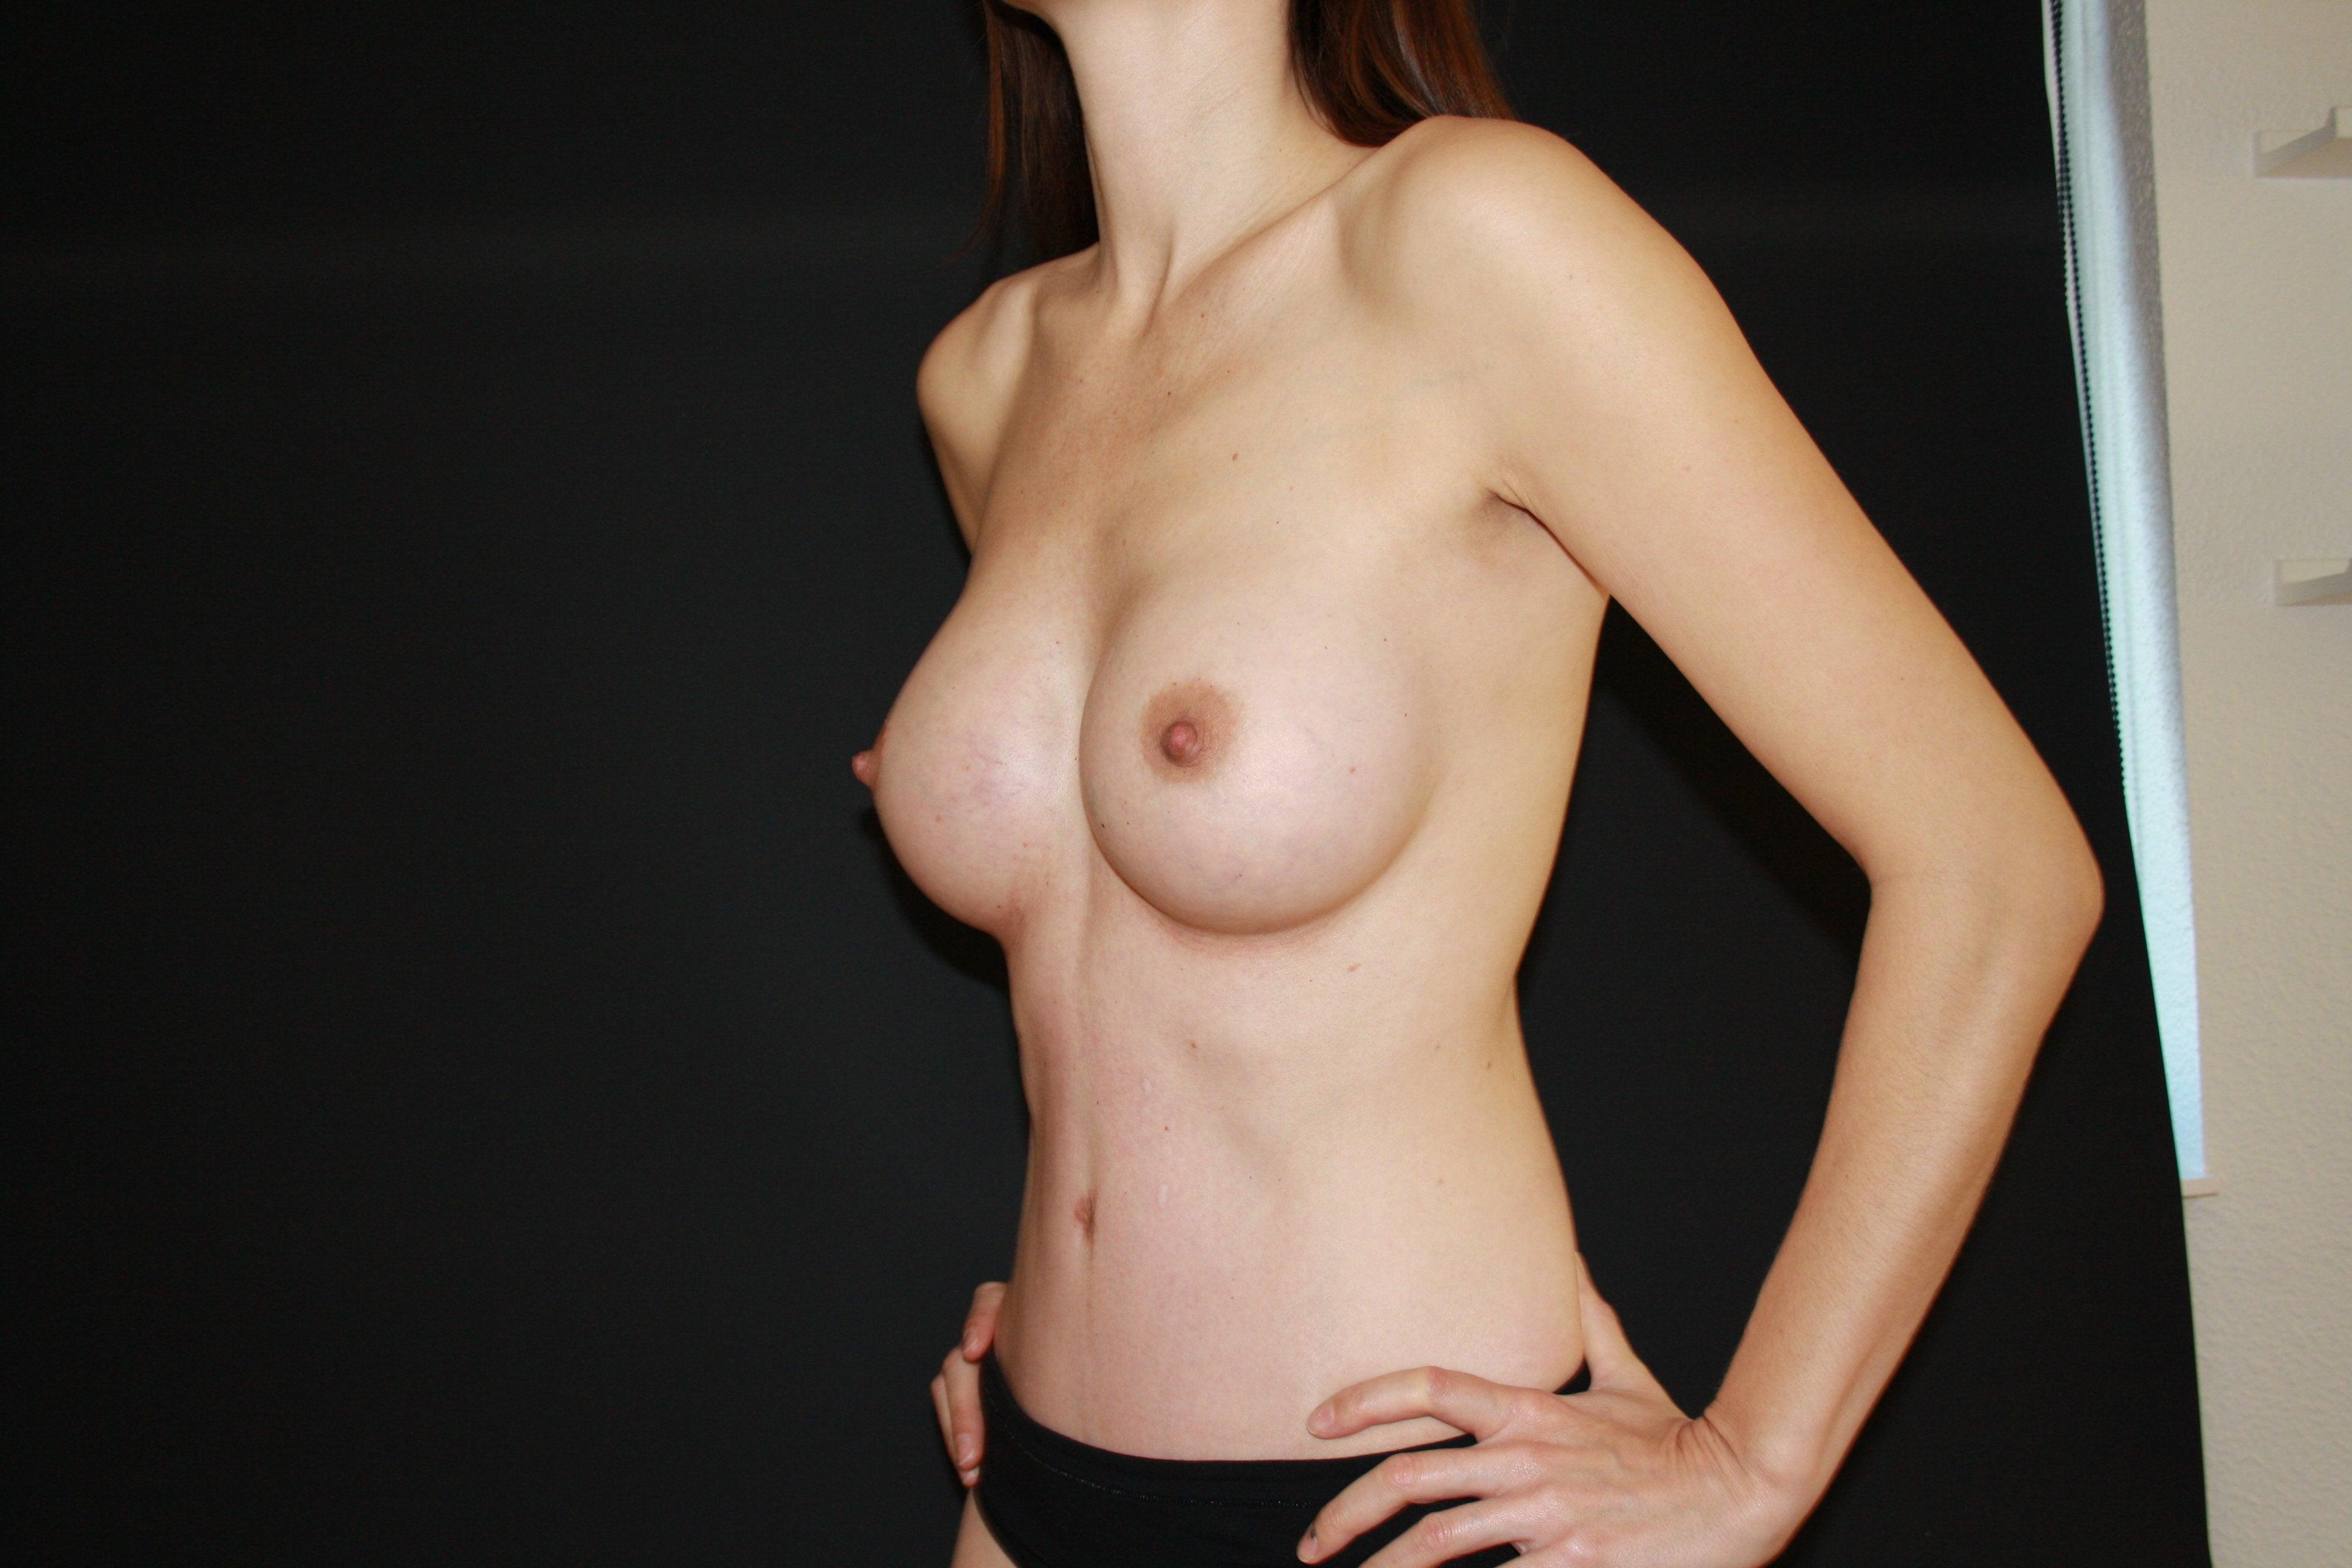 Телки с грудью 2 размера, 2 размер груди: как выглядит голая, красивая сиська 3 фотография